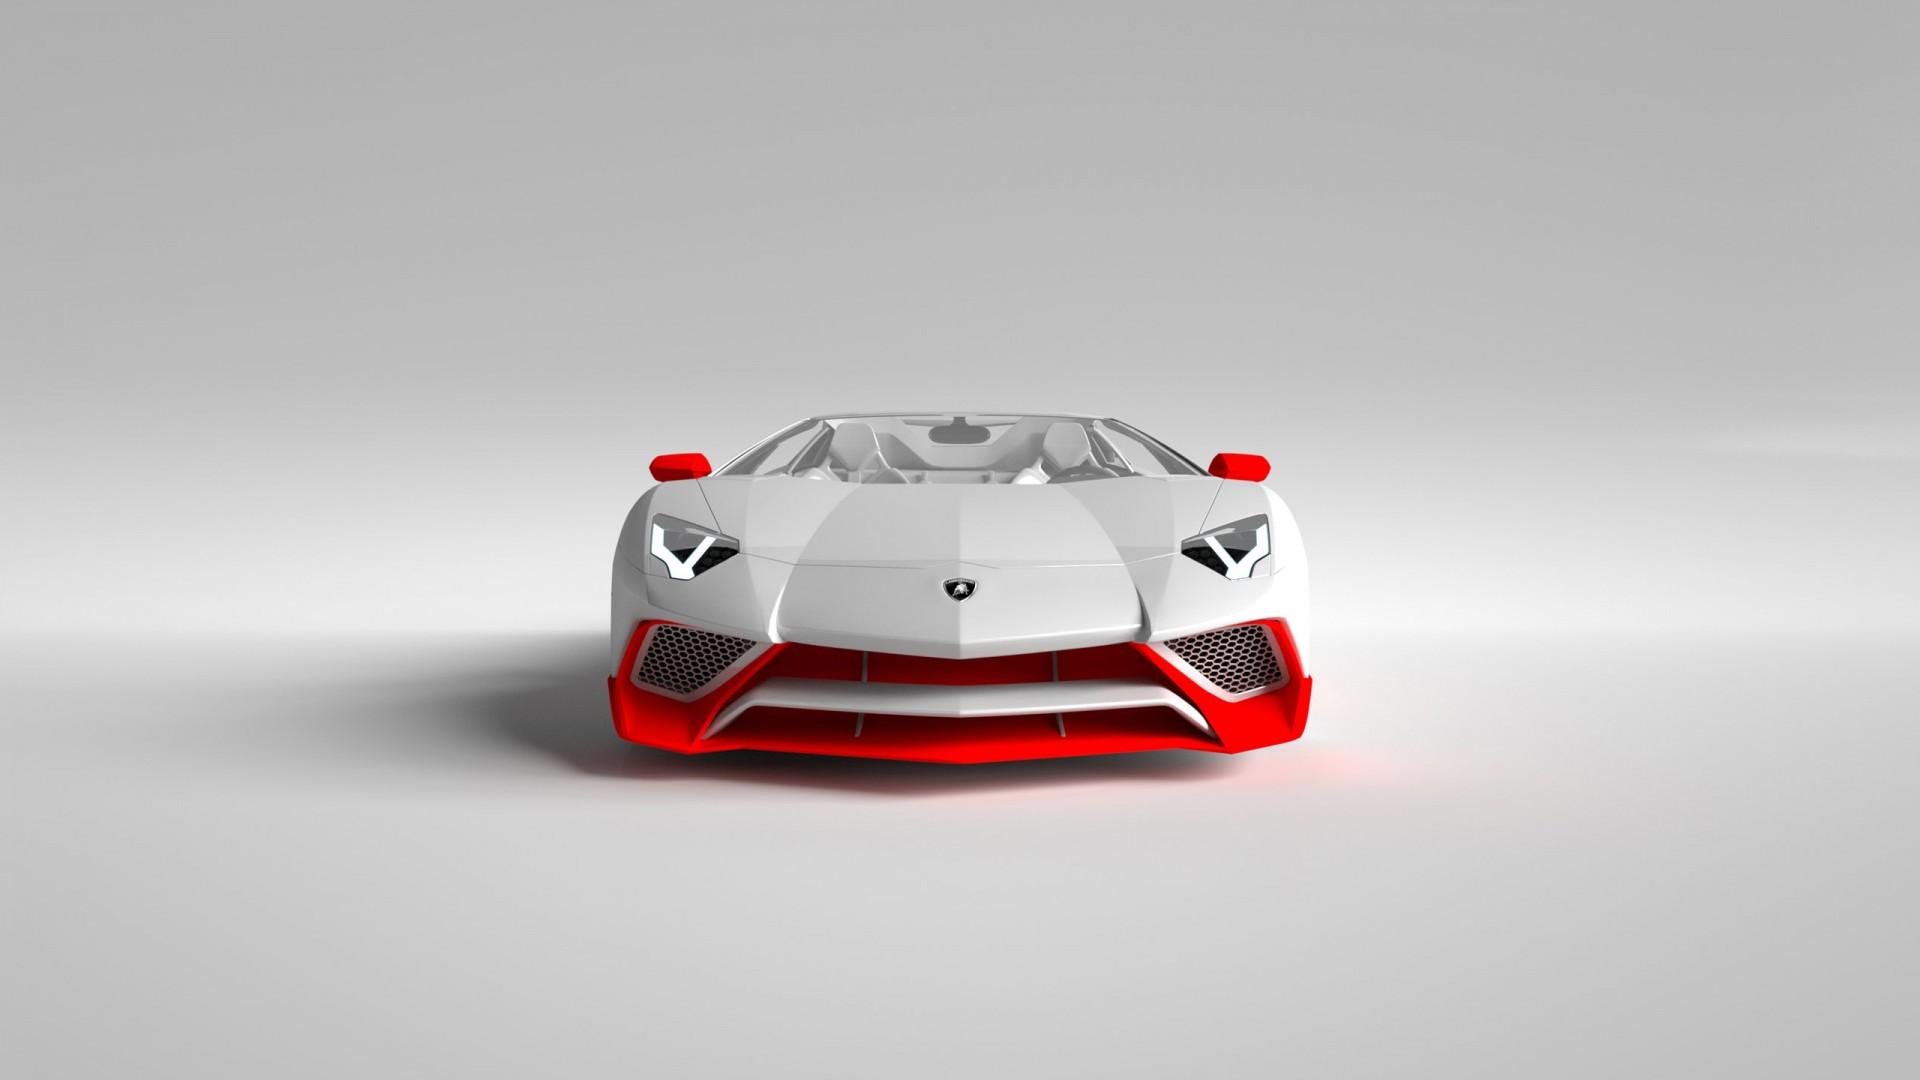 Tesla Car Iphone Wallpaper 2016 Vitesse Audessus Lamborghini Aventador Lp750 4 Sv